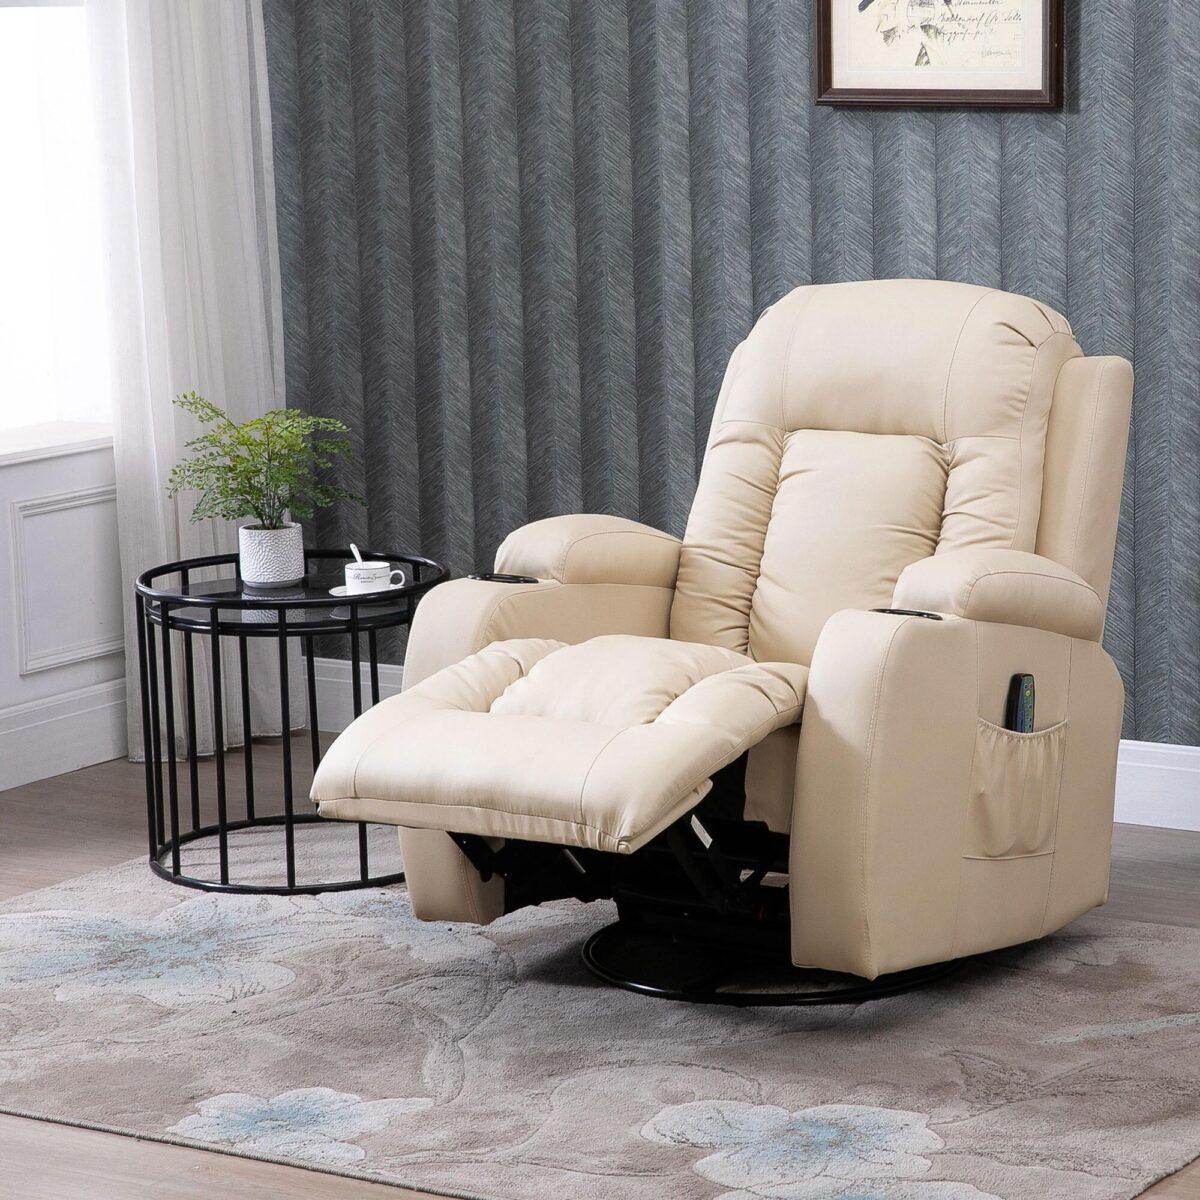 poltrone-relax-recliner-guida-all-acquisto-09